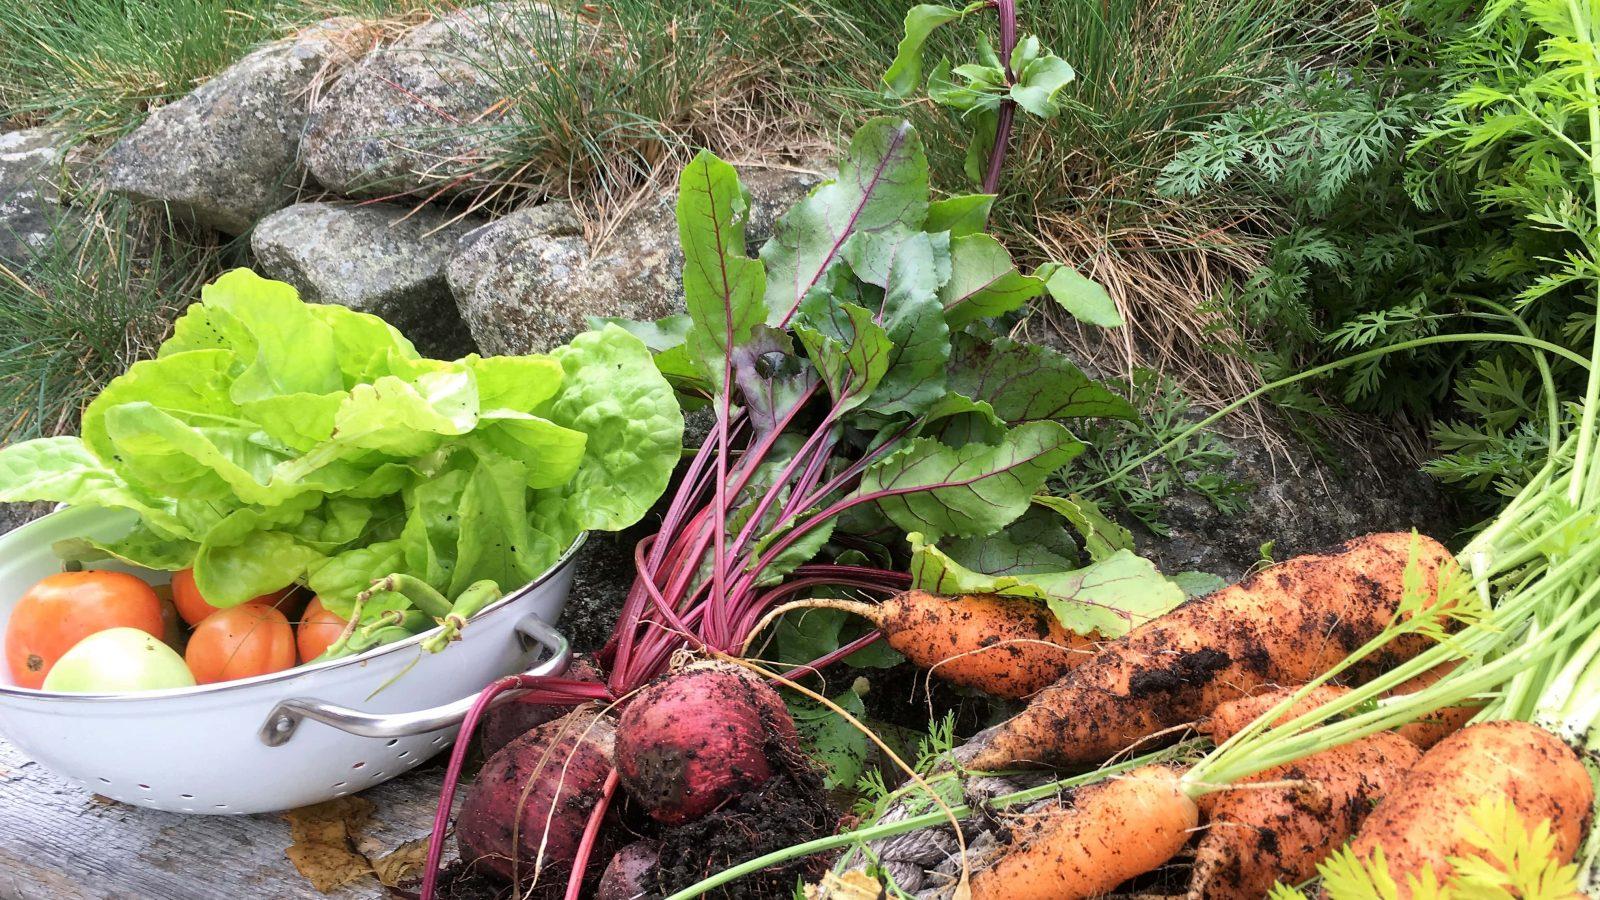 Grønnsaker dyrket økologisk i pallekarmer